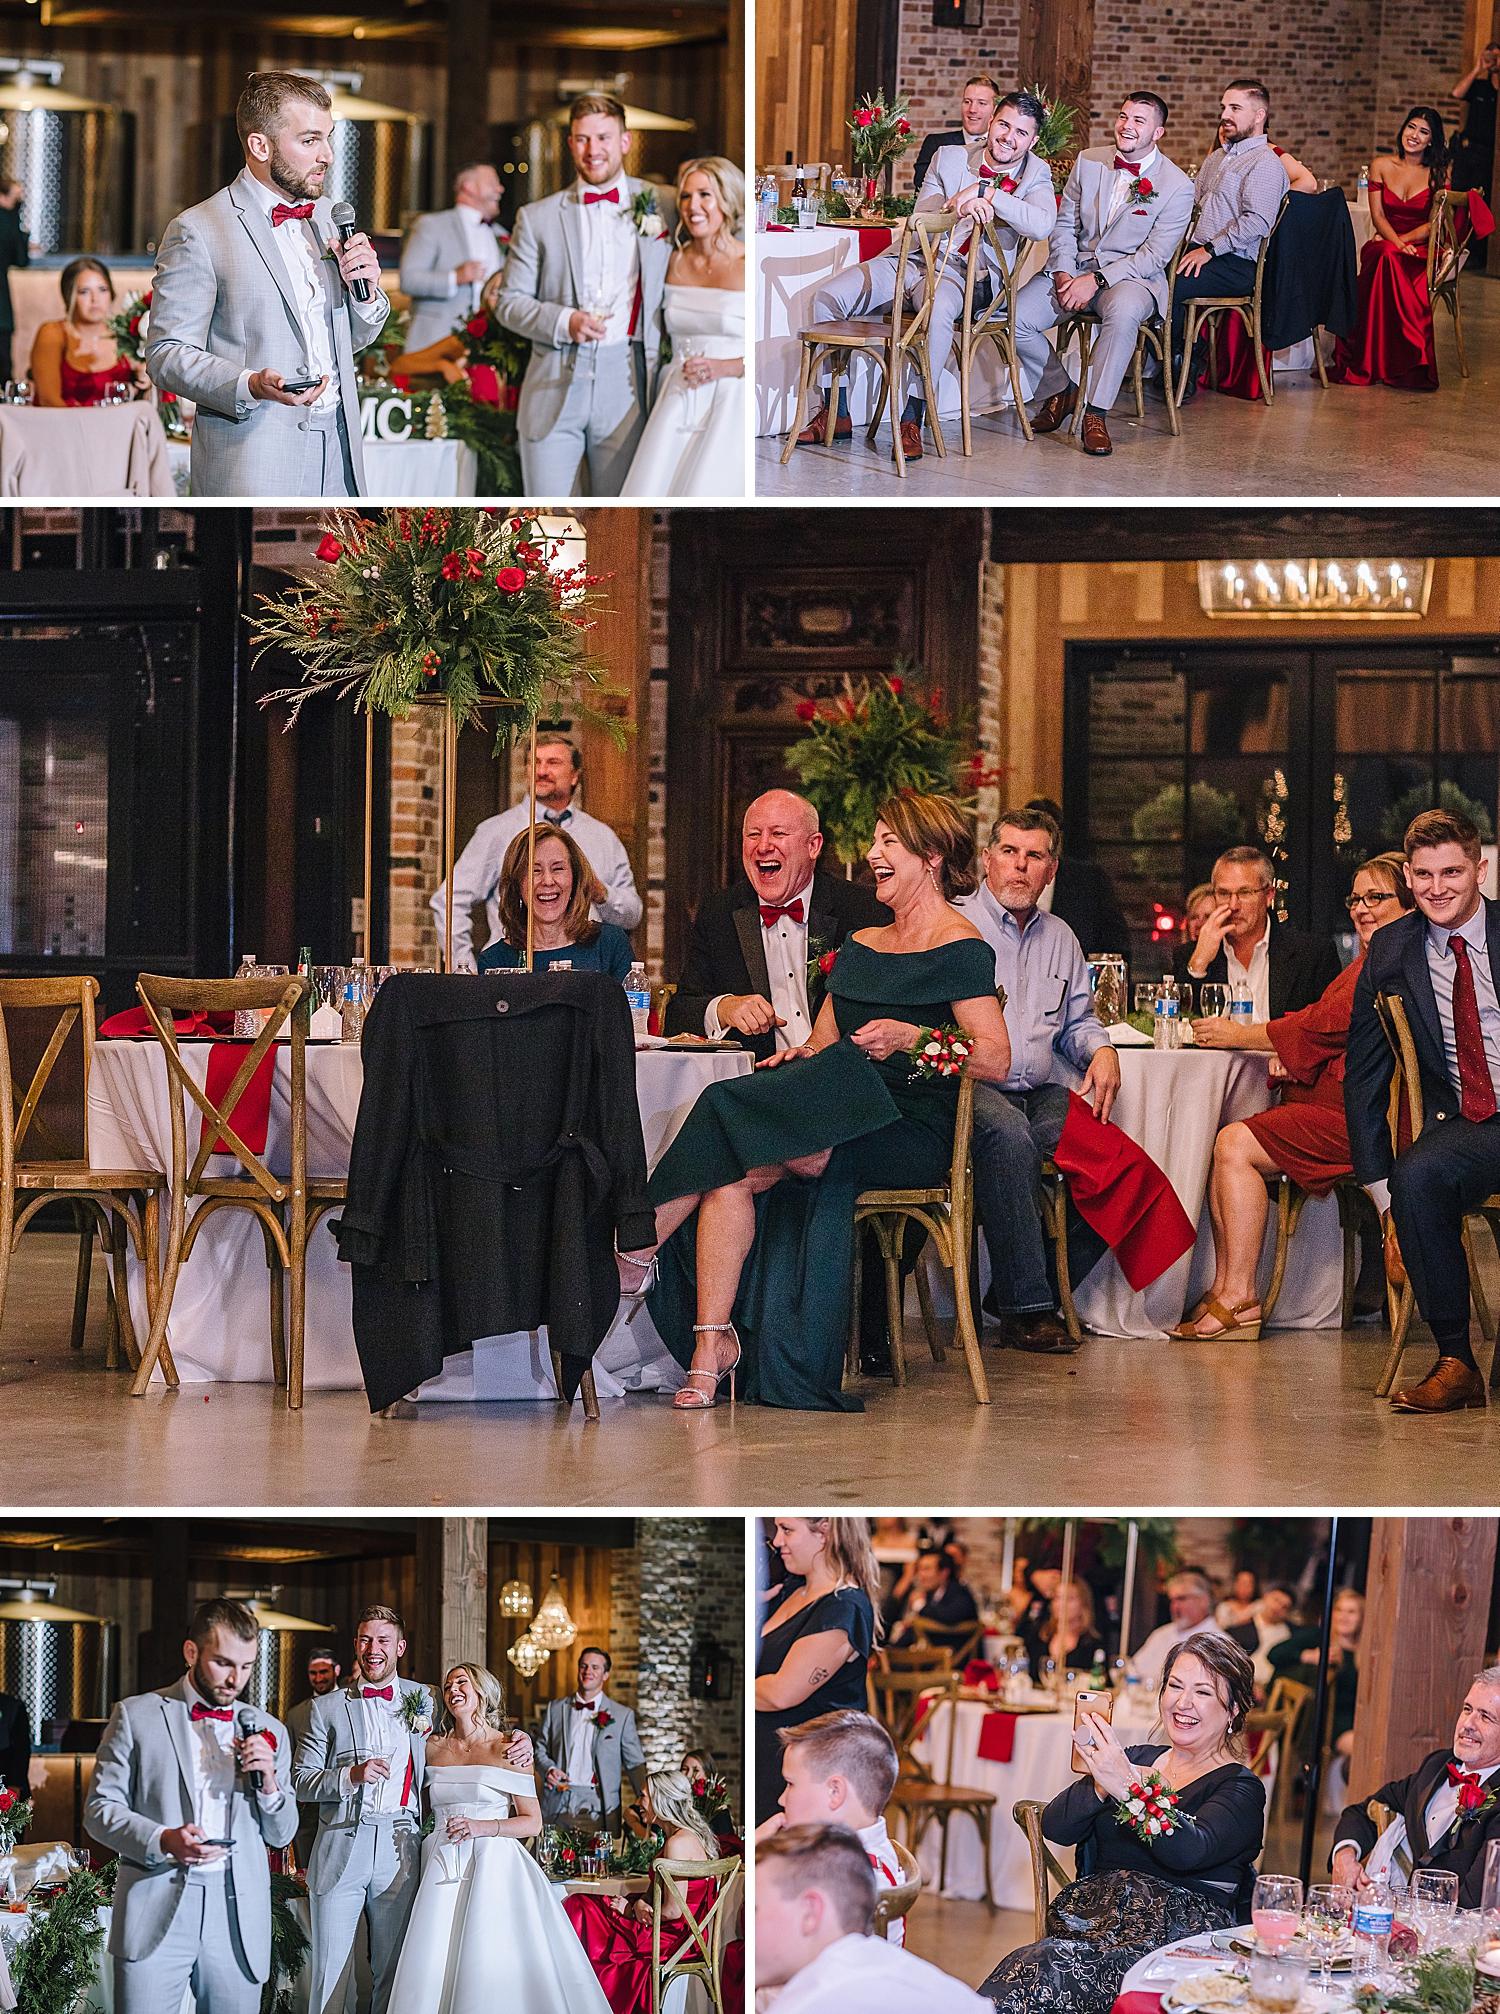 College-Station-Aggie-Wedding-The-Weinberg-at-Wixon-Valley-Christmas-Hallmark-Wedding_0103.jpg